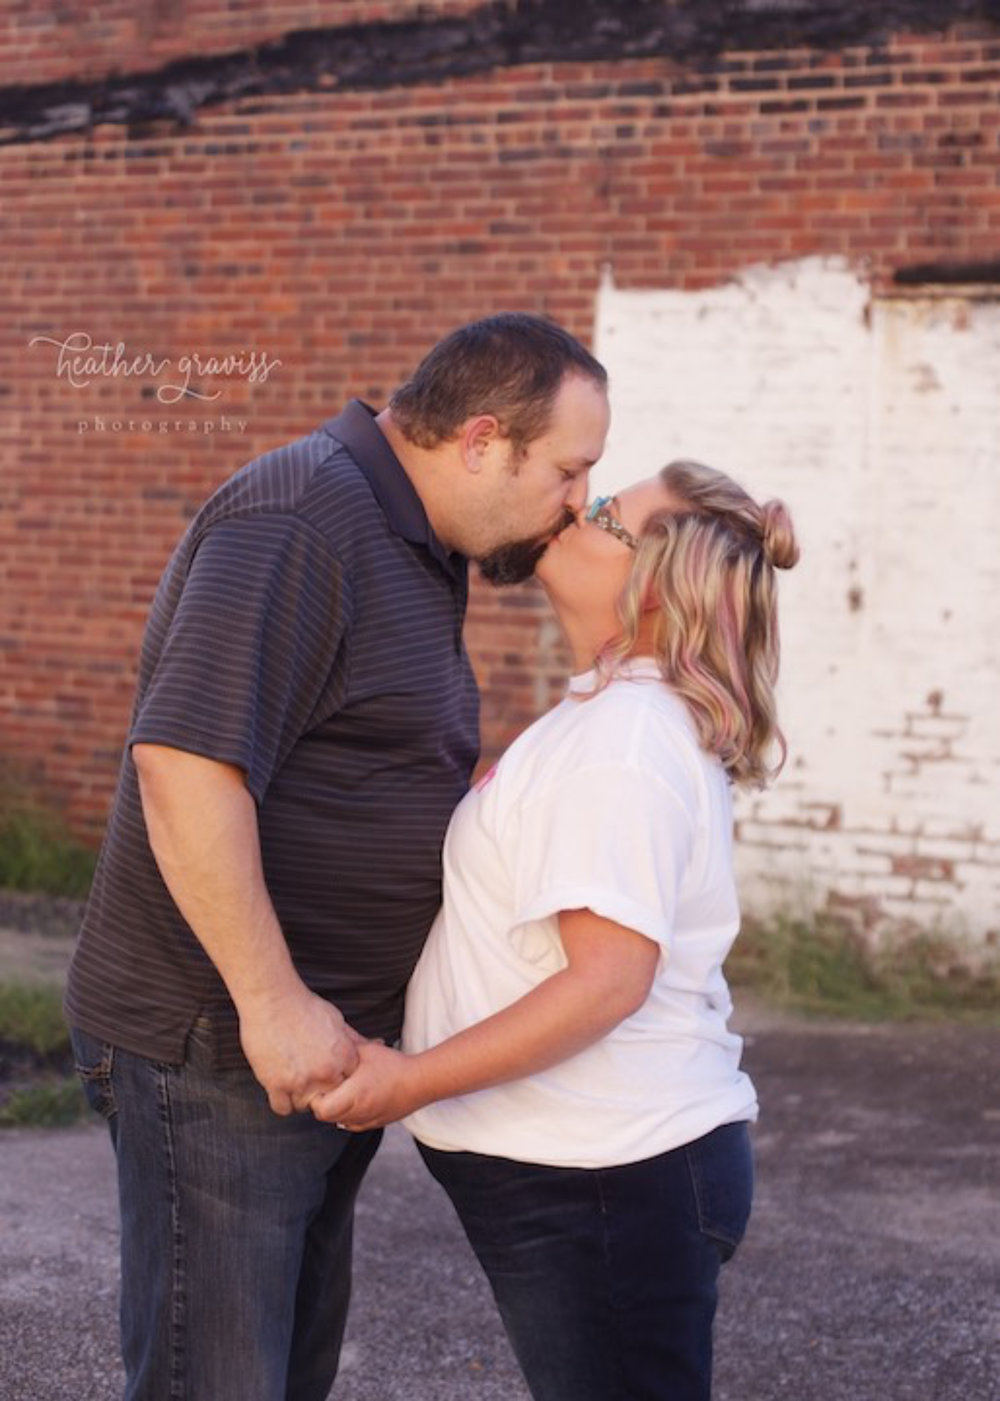 husband-and-wife.jpg